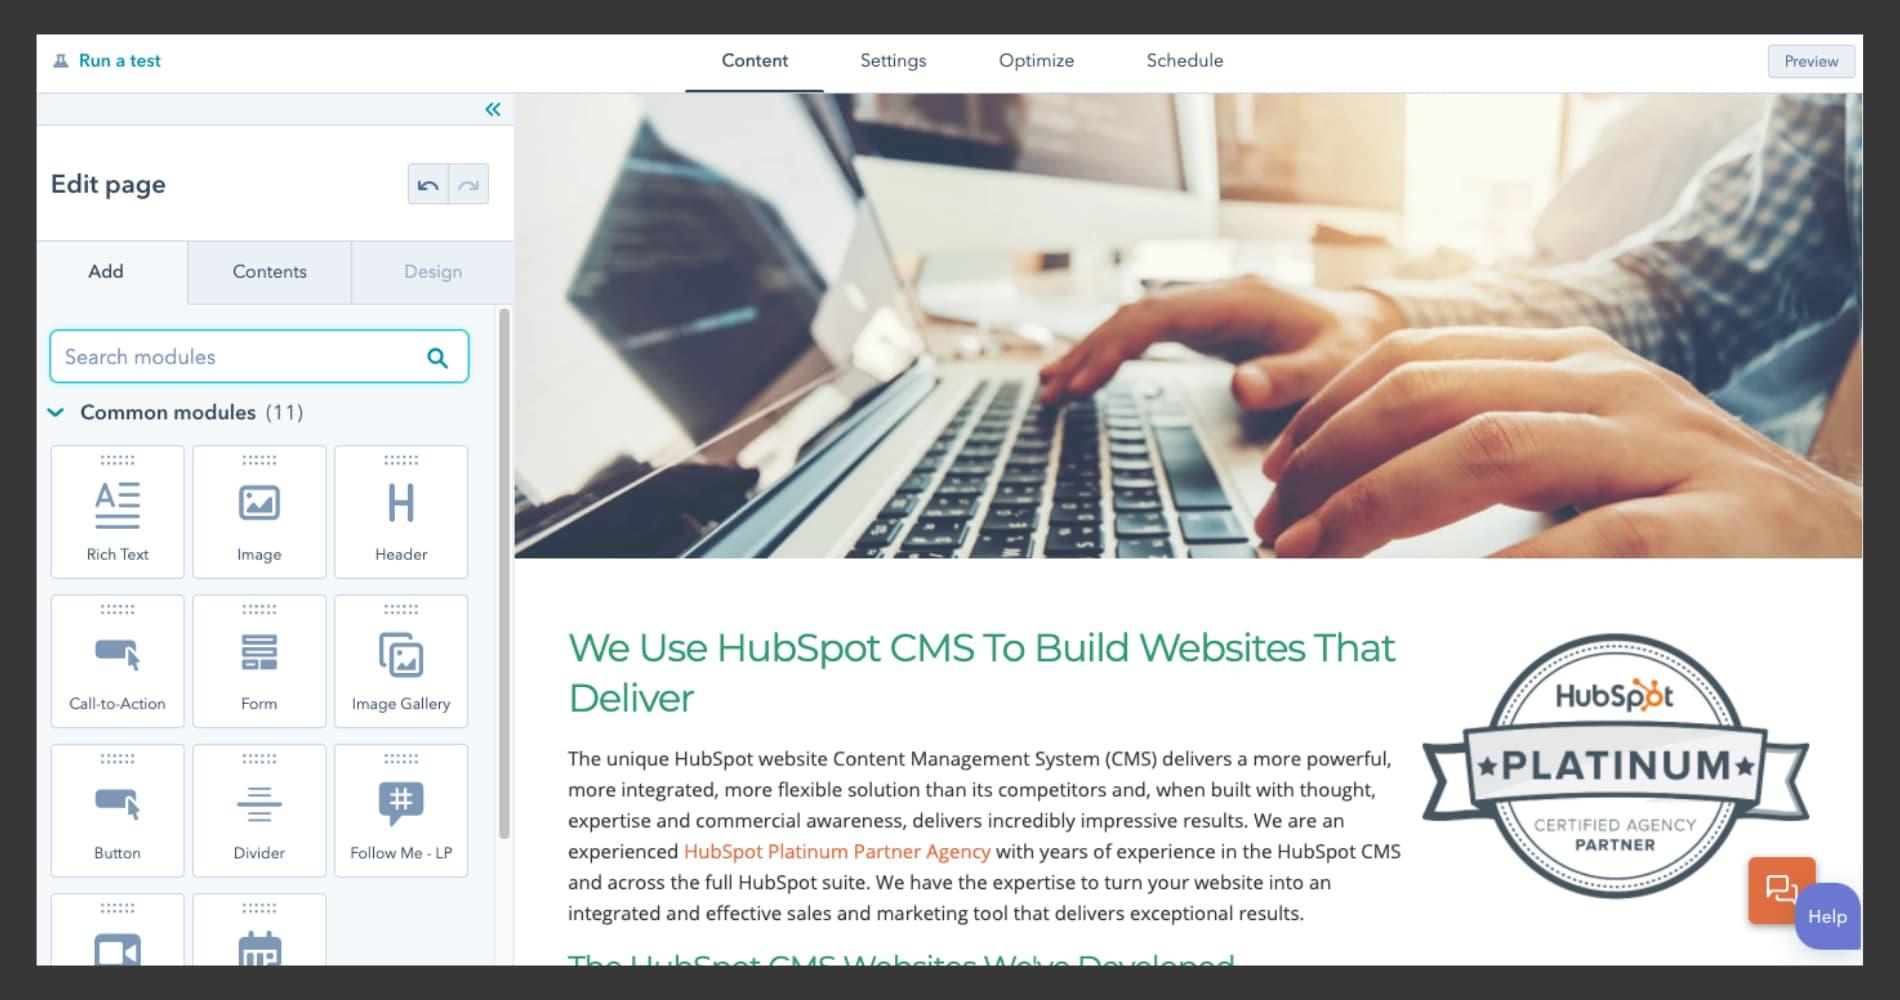 Screenshot of intuitive HubSpot CMS interface